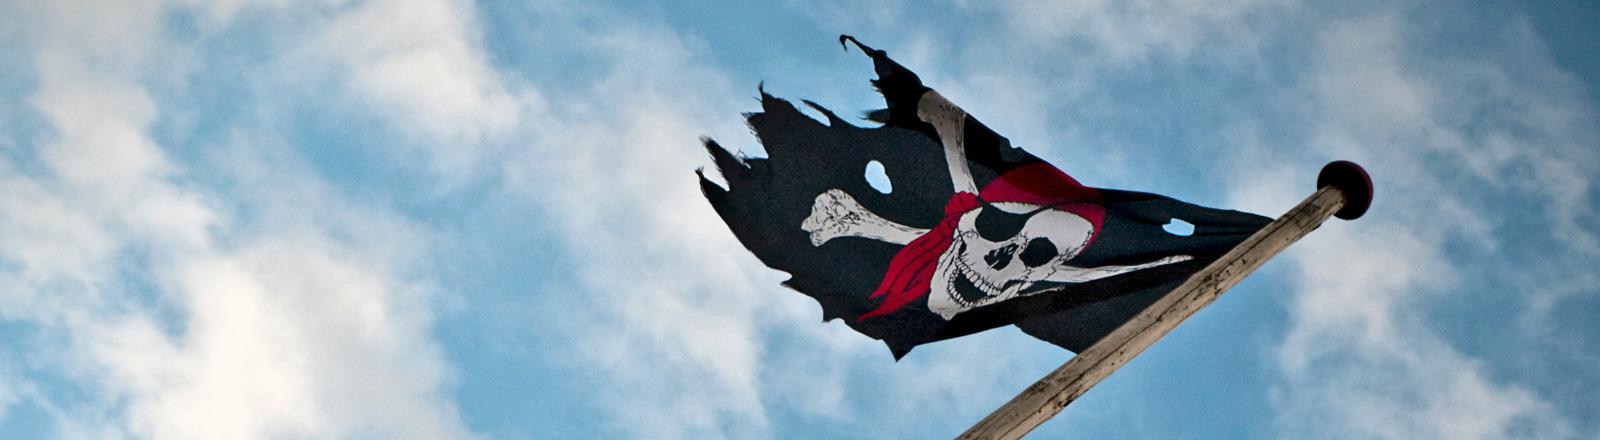 Eine Piratenfahne flattert im Wind. Blauer Himmel. Die Fahne ist teils zerrissen.